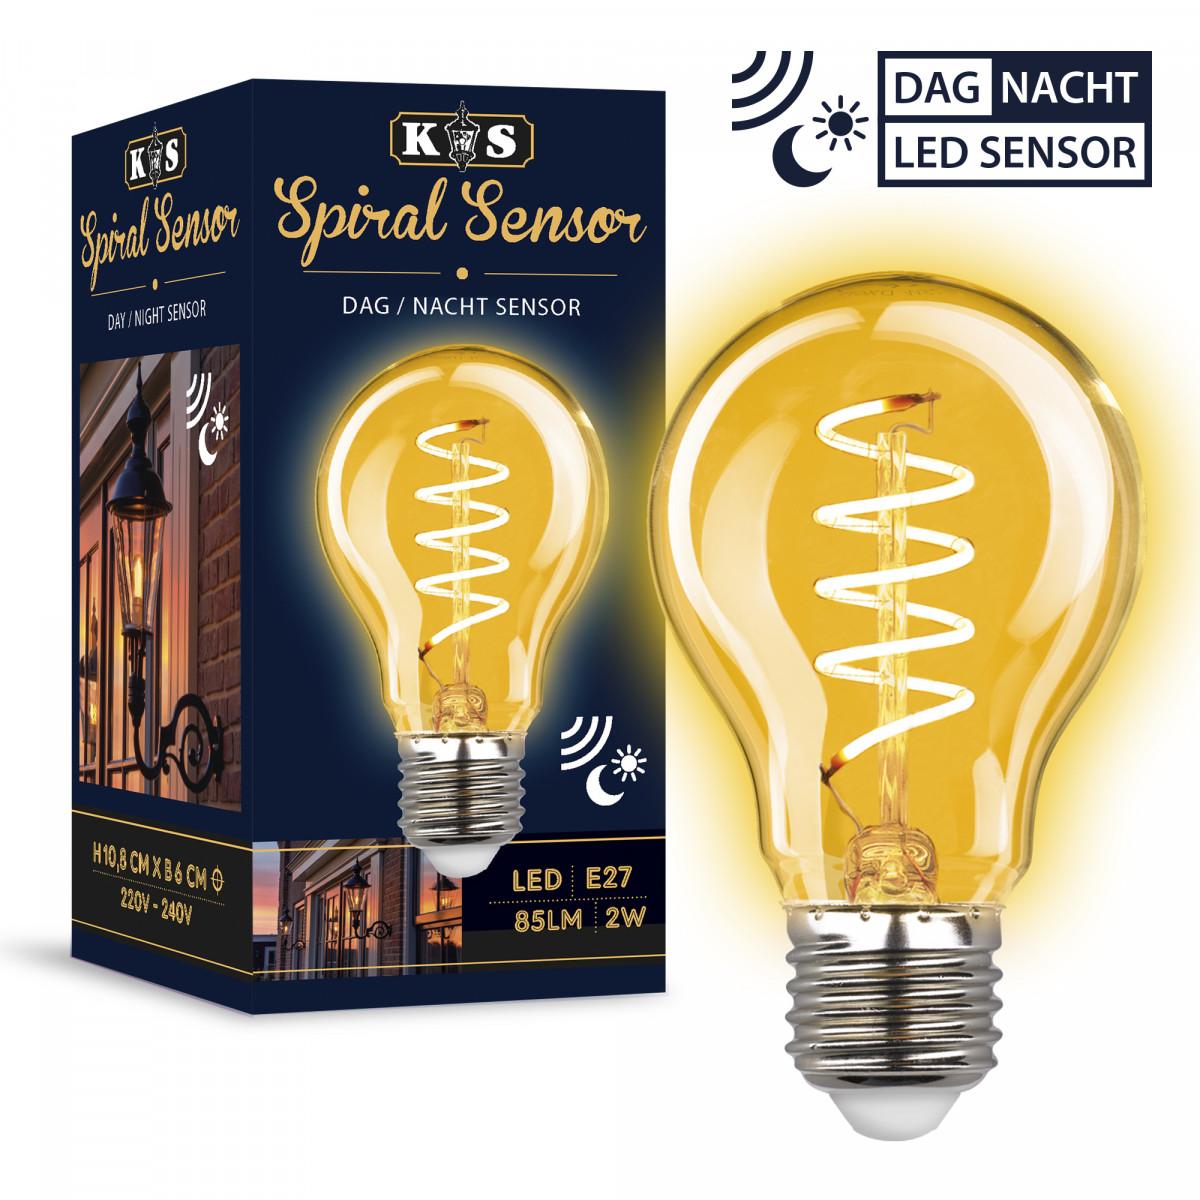 Sensor LED lamp 2W